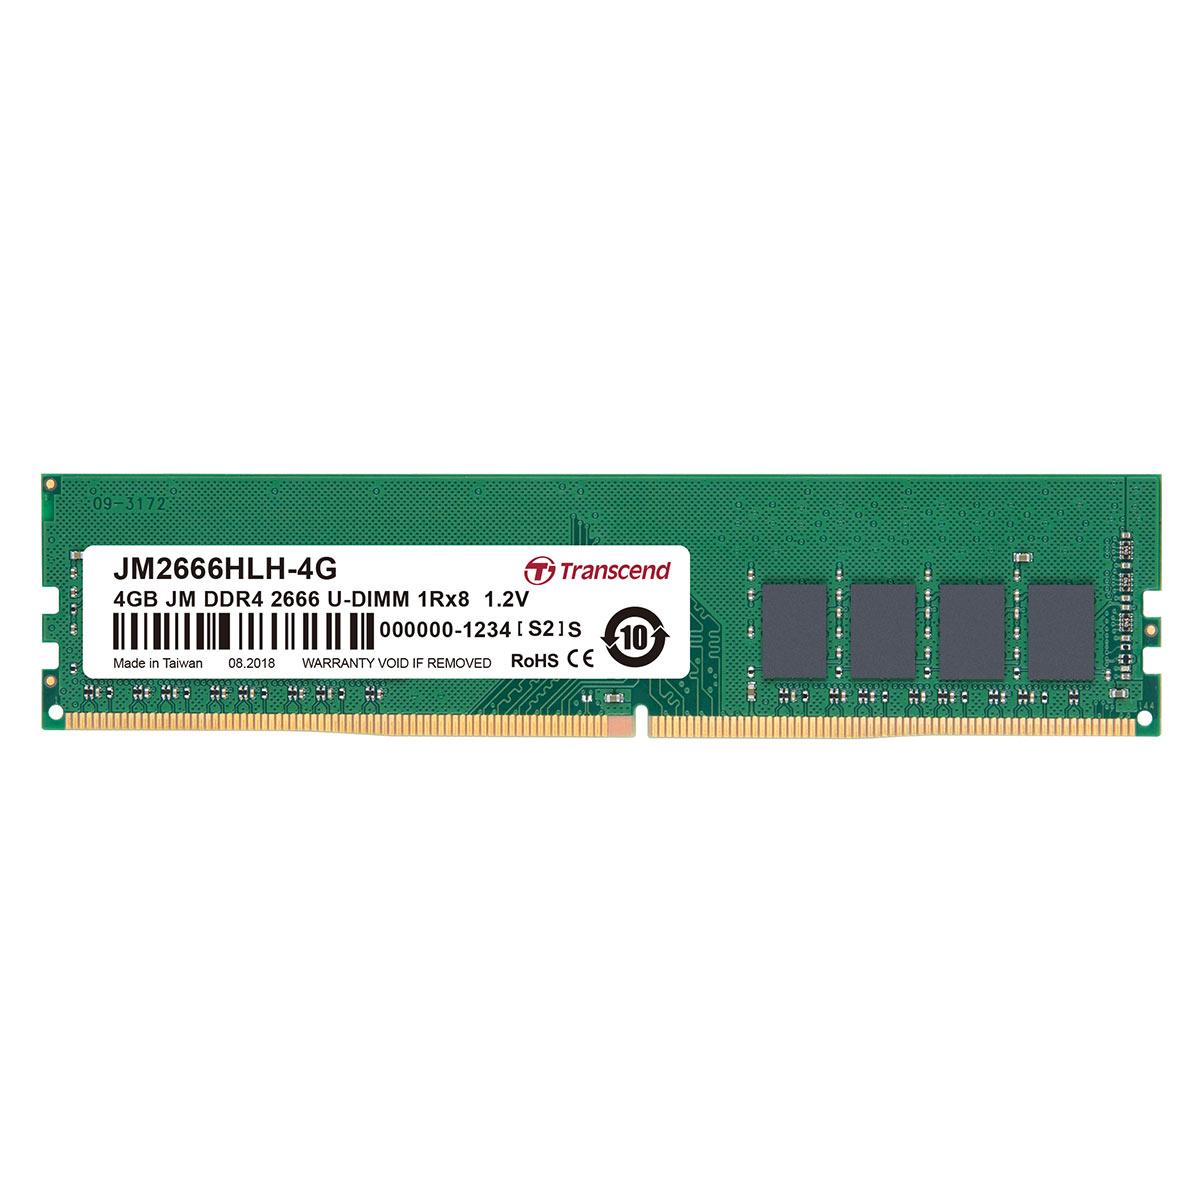 【4月25日値下げしました】Transcend 増設メモリー 4GB デスクトップ用 DDR4-2400 PC4-19200 U-DIMM PCメモリ メモリーモジュール デスクトップパソコン用[JM2400HLH-4G]【ネコポス専用】【送料無料】